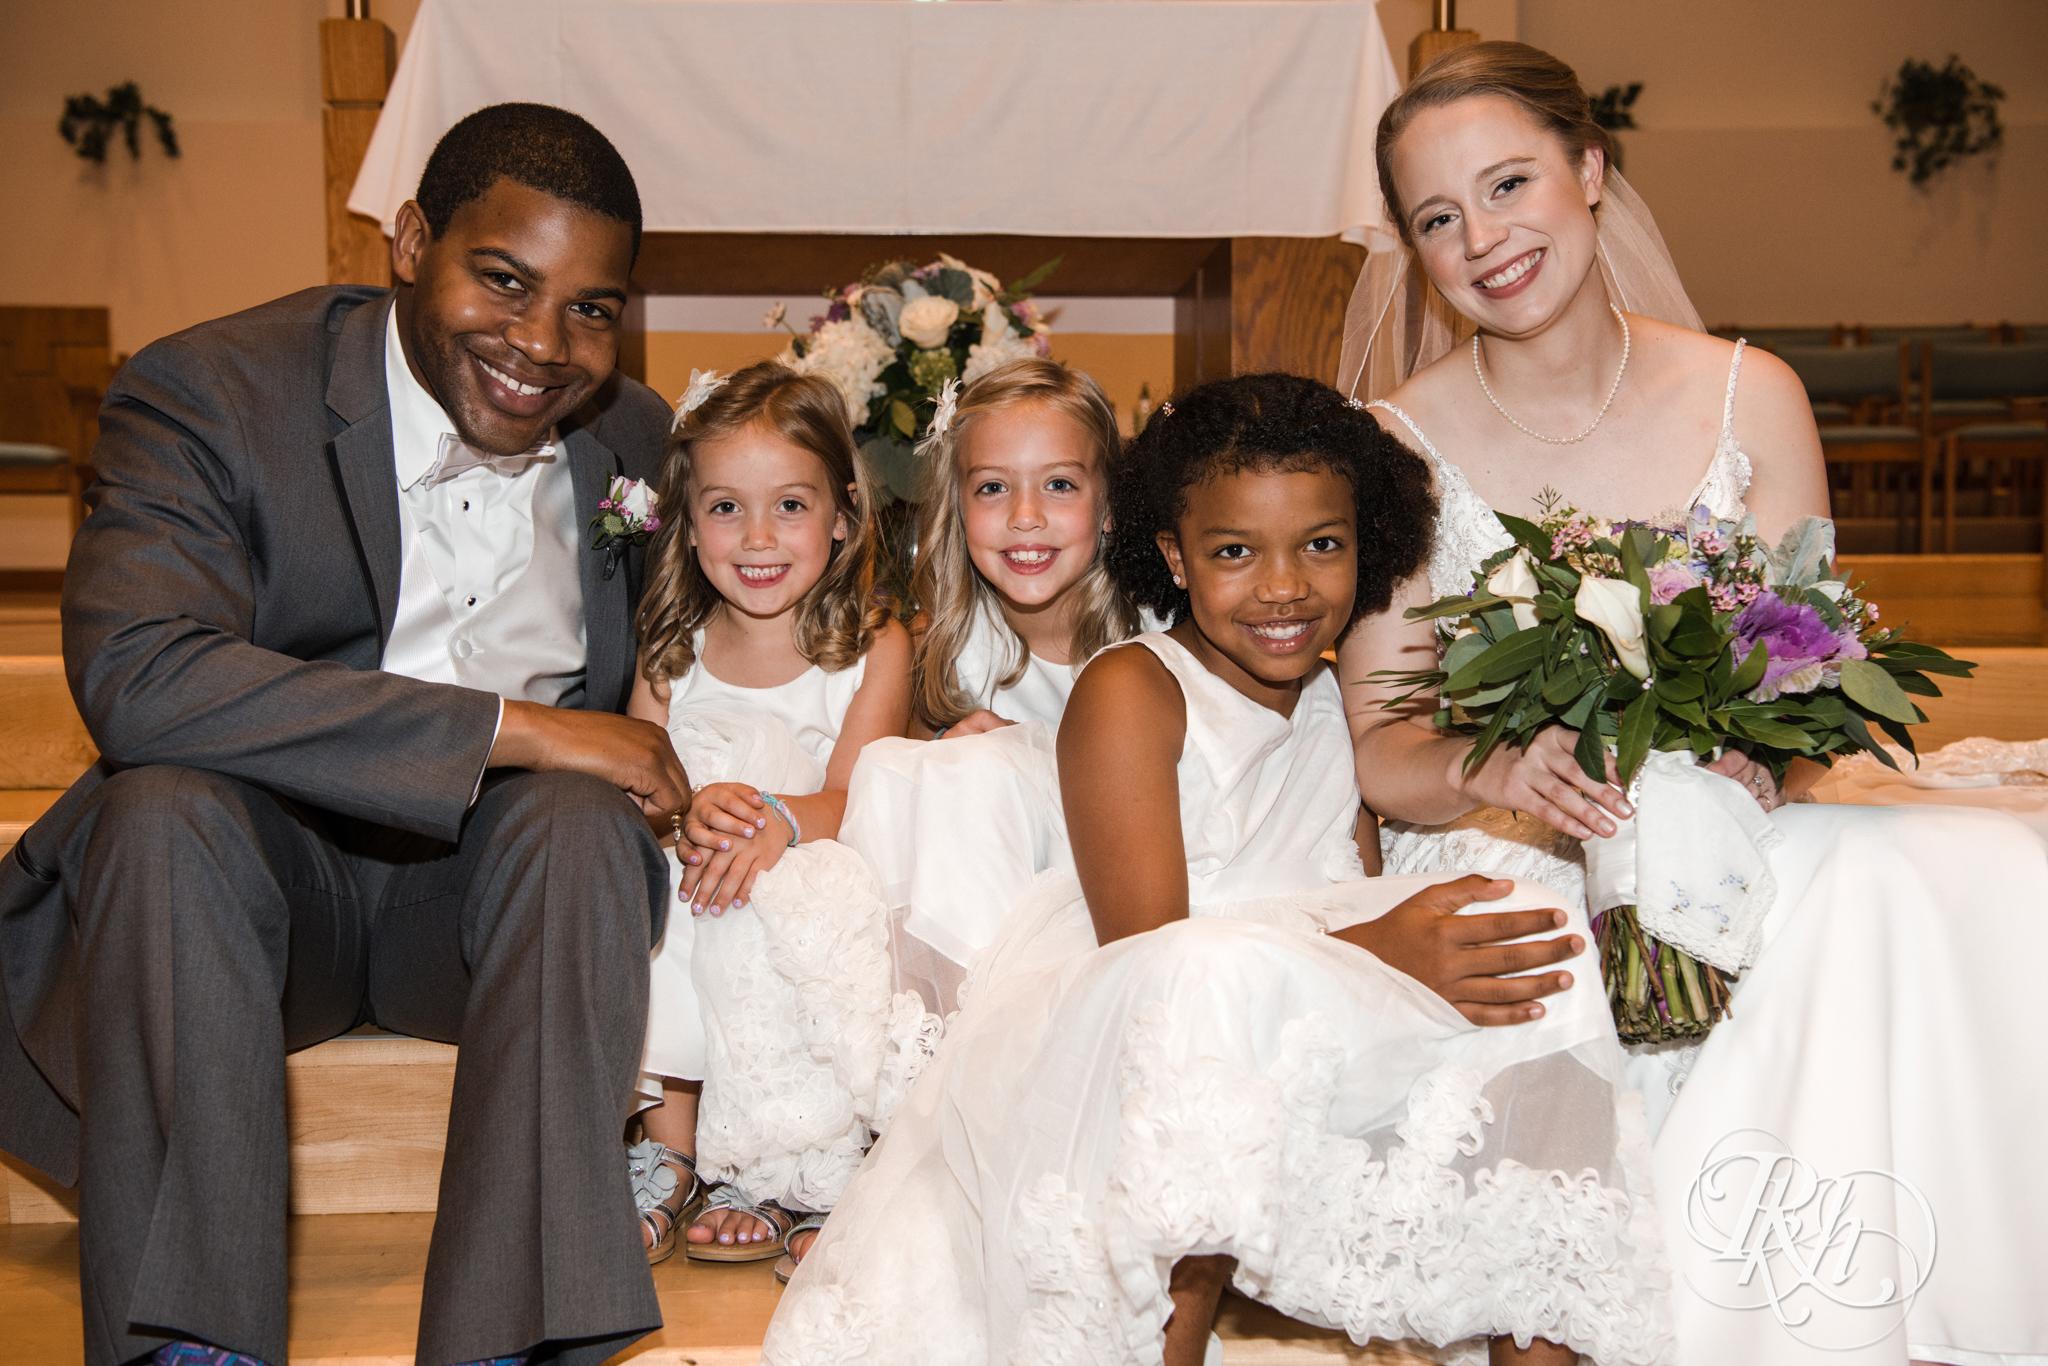 Laura and Adekunle - Minnesota Wedding Photographer - Minnesota History Center - RKH Images - Blog (22 of 75).jpg